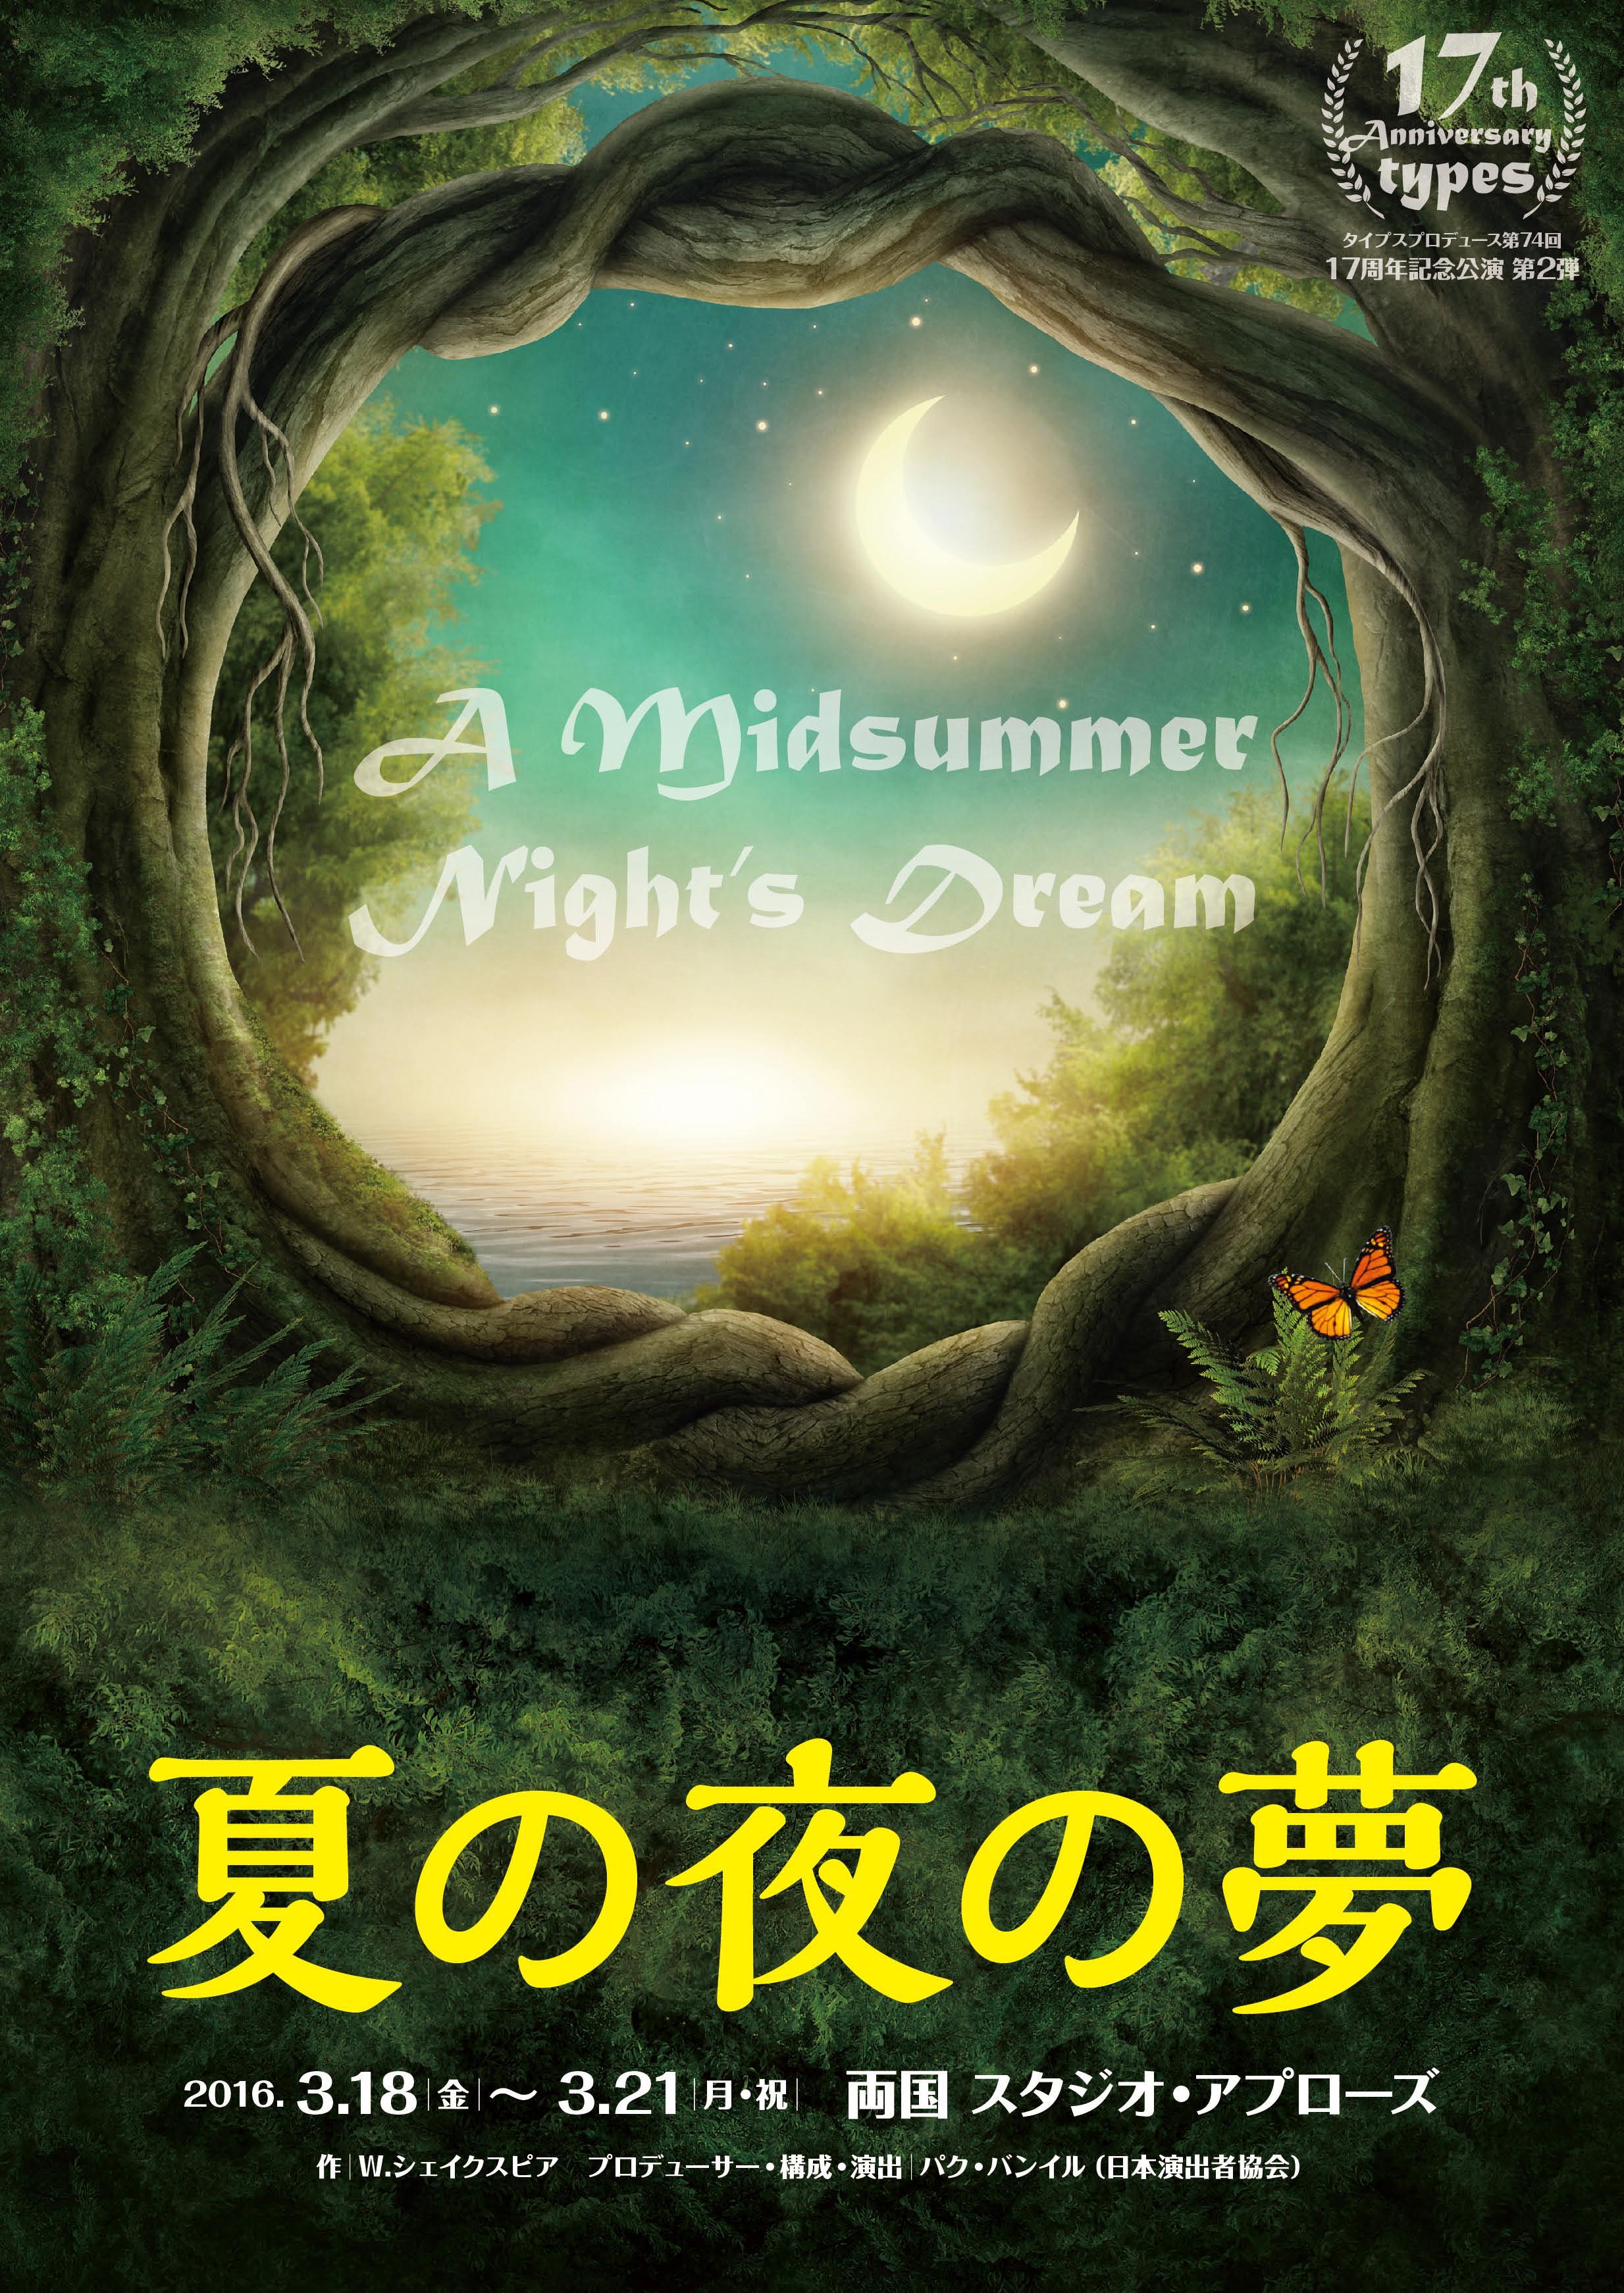 『夏の夜の夢』フライヤー